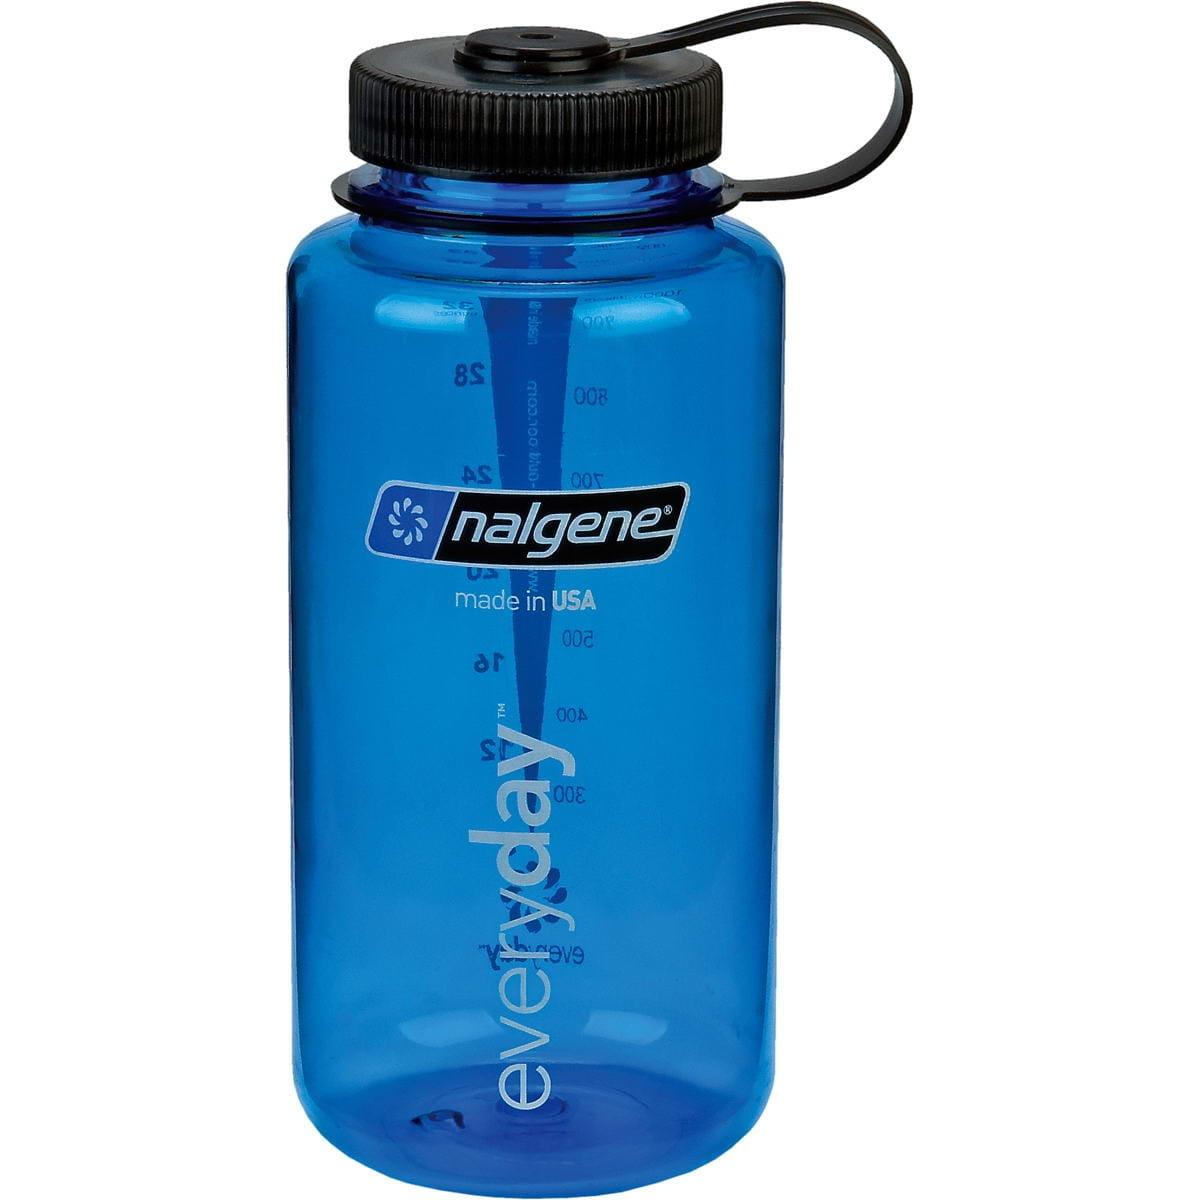 Nalgene Everyday Weithals Trinkflasche 1,0 Liter blau - Bild 7